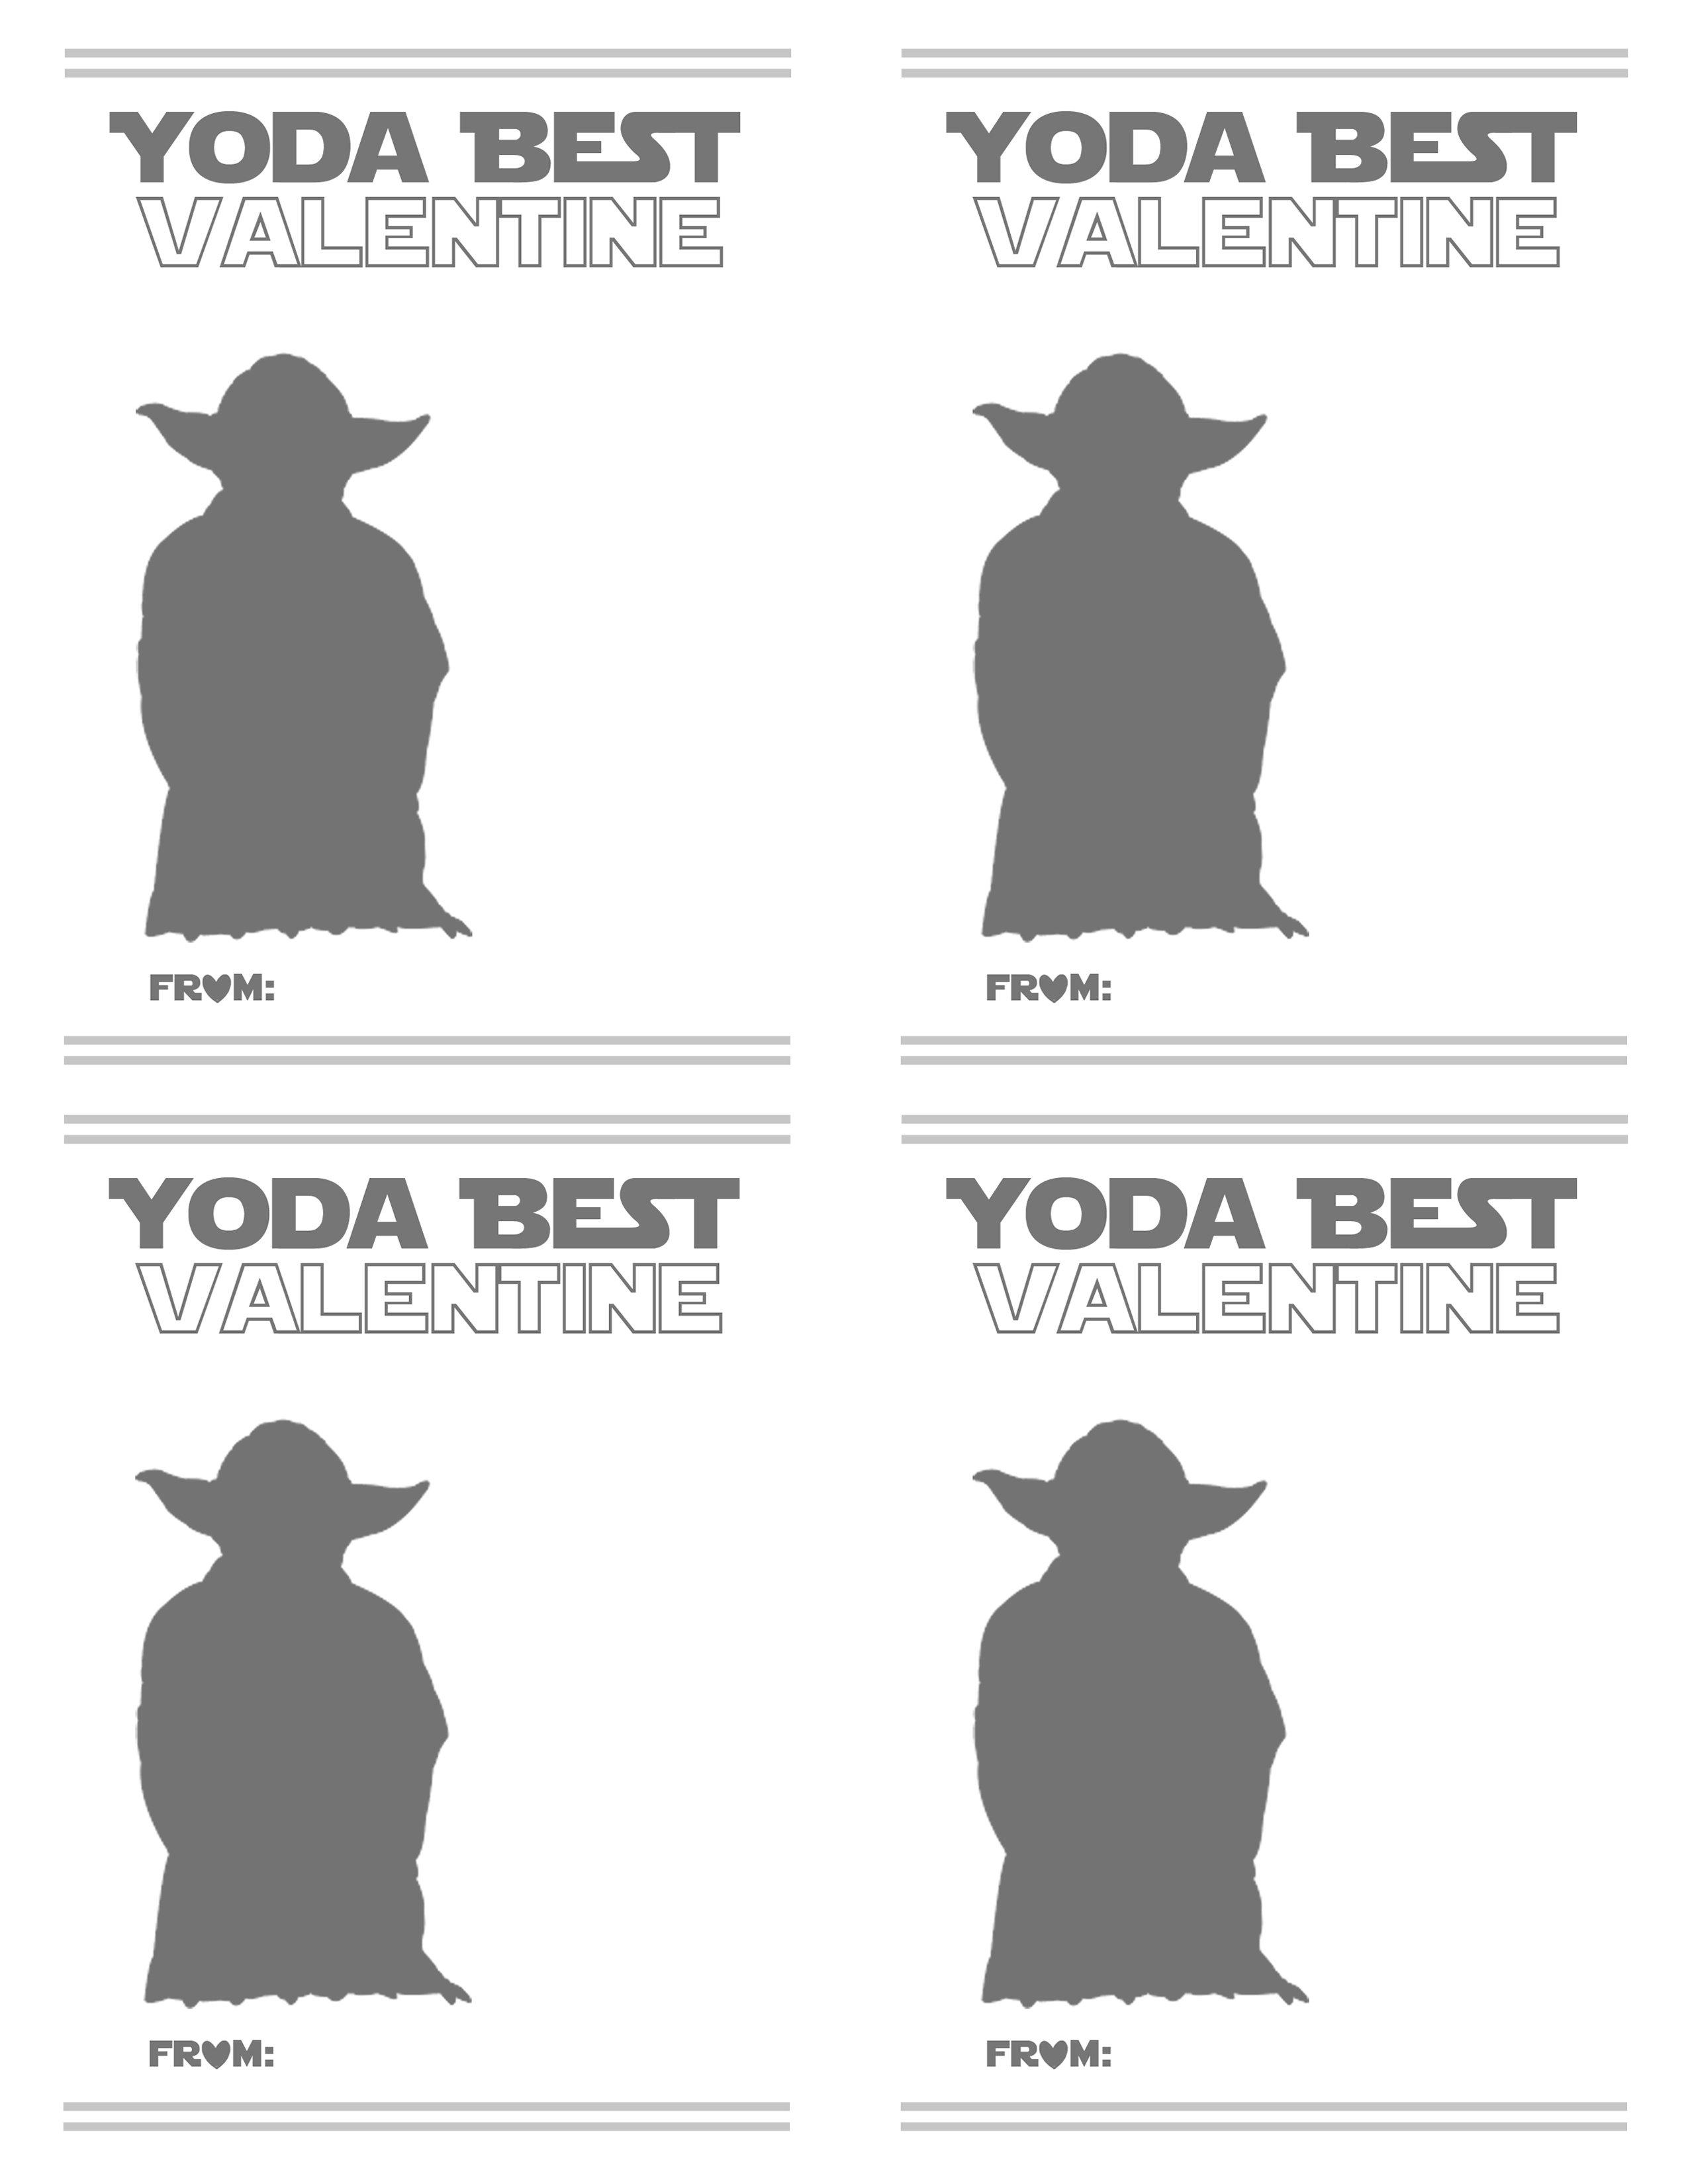 SUPPLIES For Yoda Valentine: